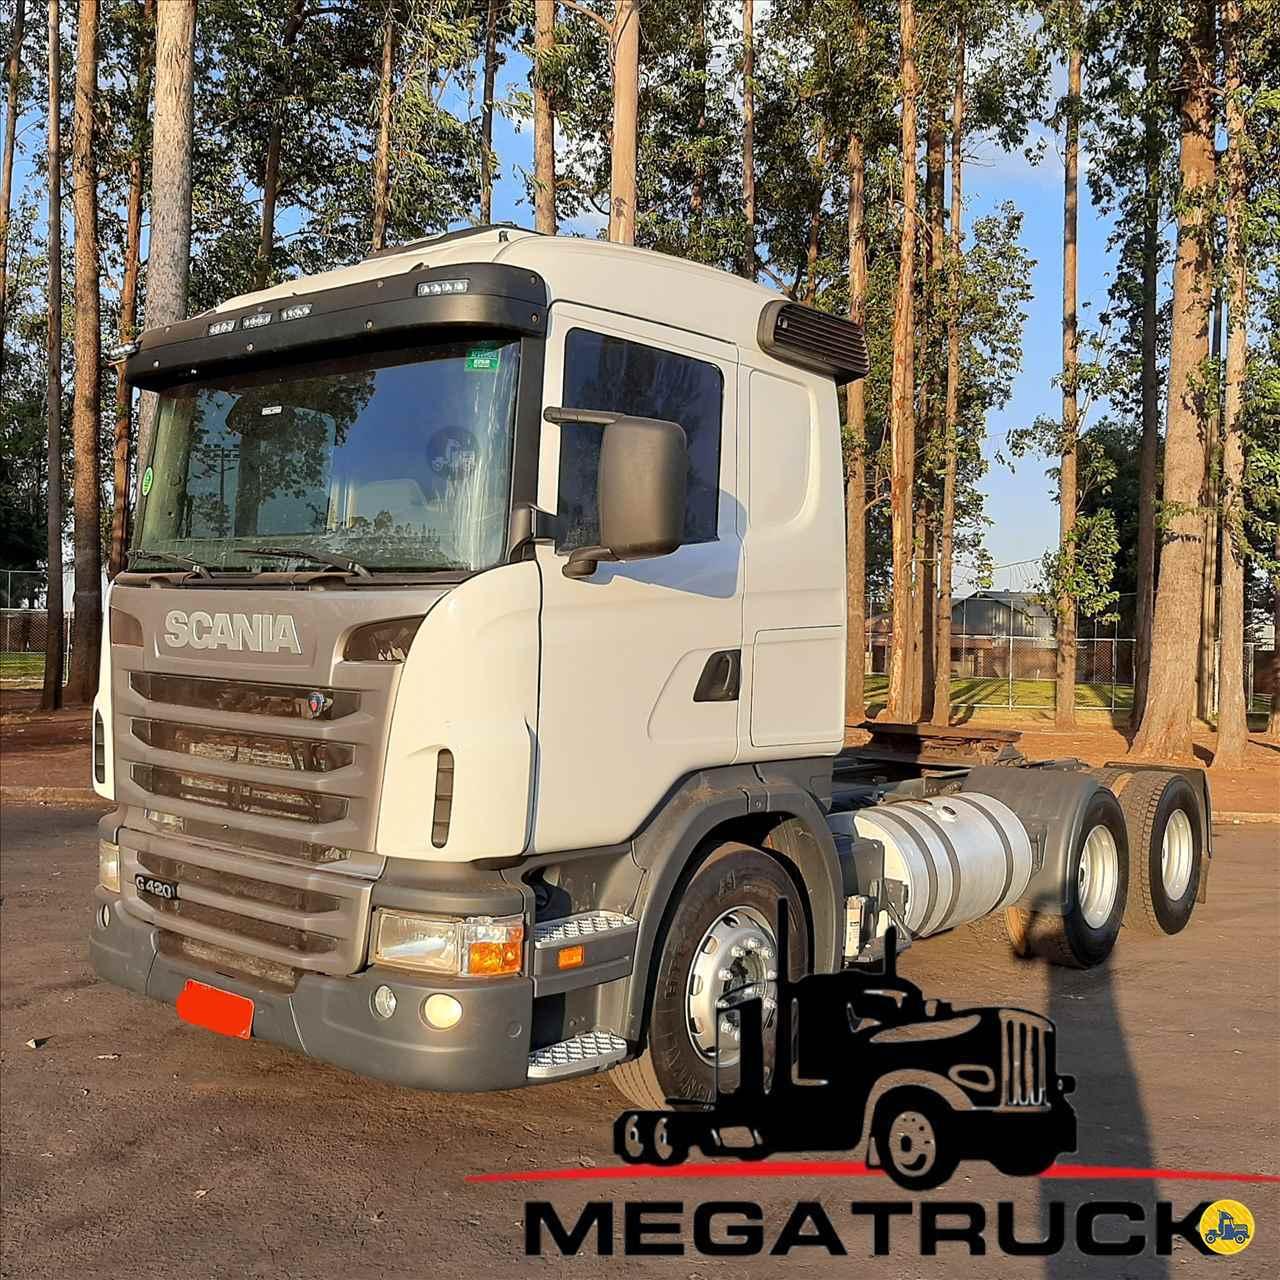 CAMINHAO SCANIA SCANIA 420 Cavalo Mecânico Traçado 6x4 Megatruck Caminhões e Máquinas CAMPO GRANDE MATO GROSSO DO SUL MS